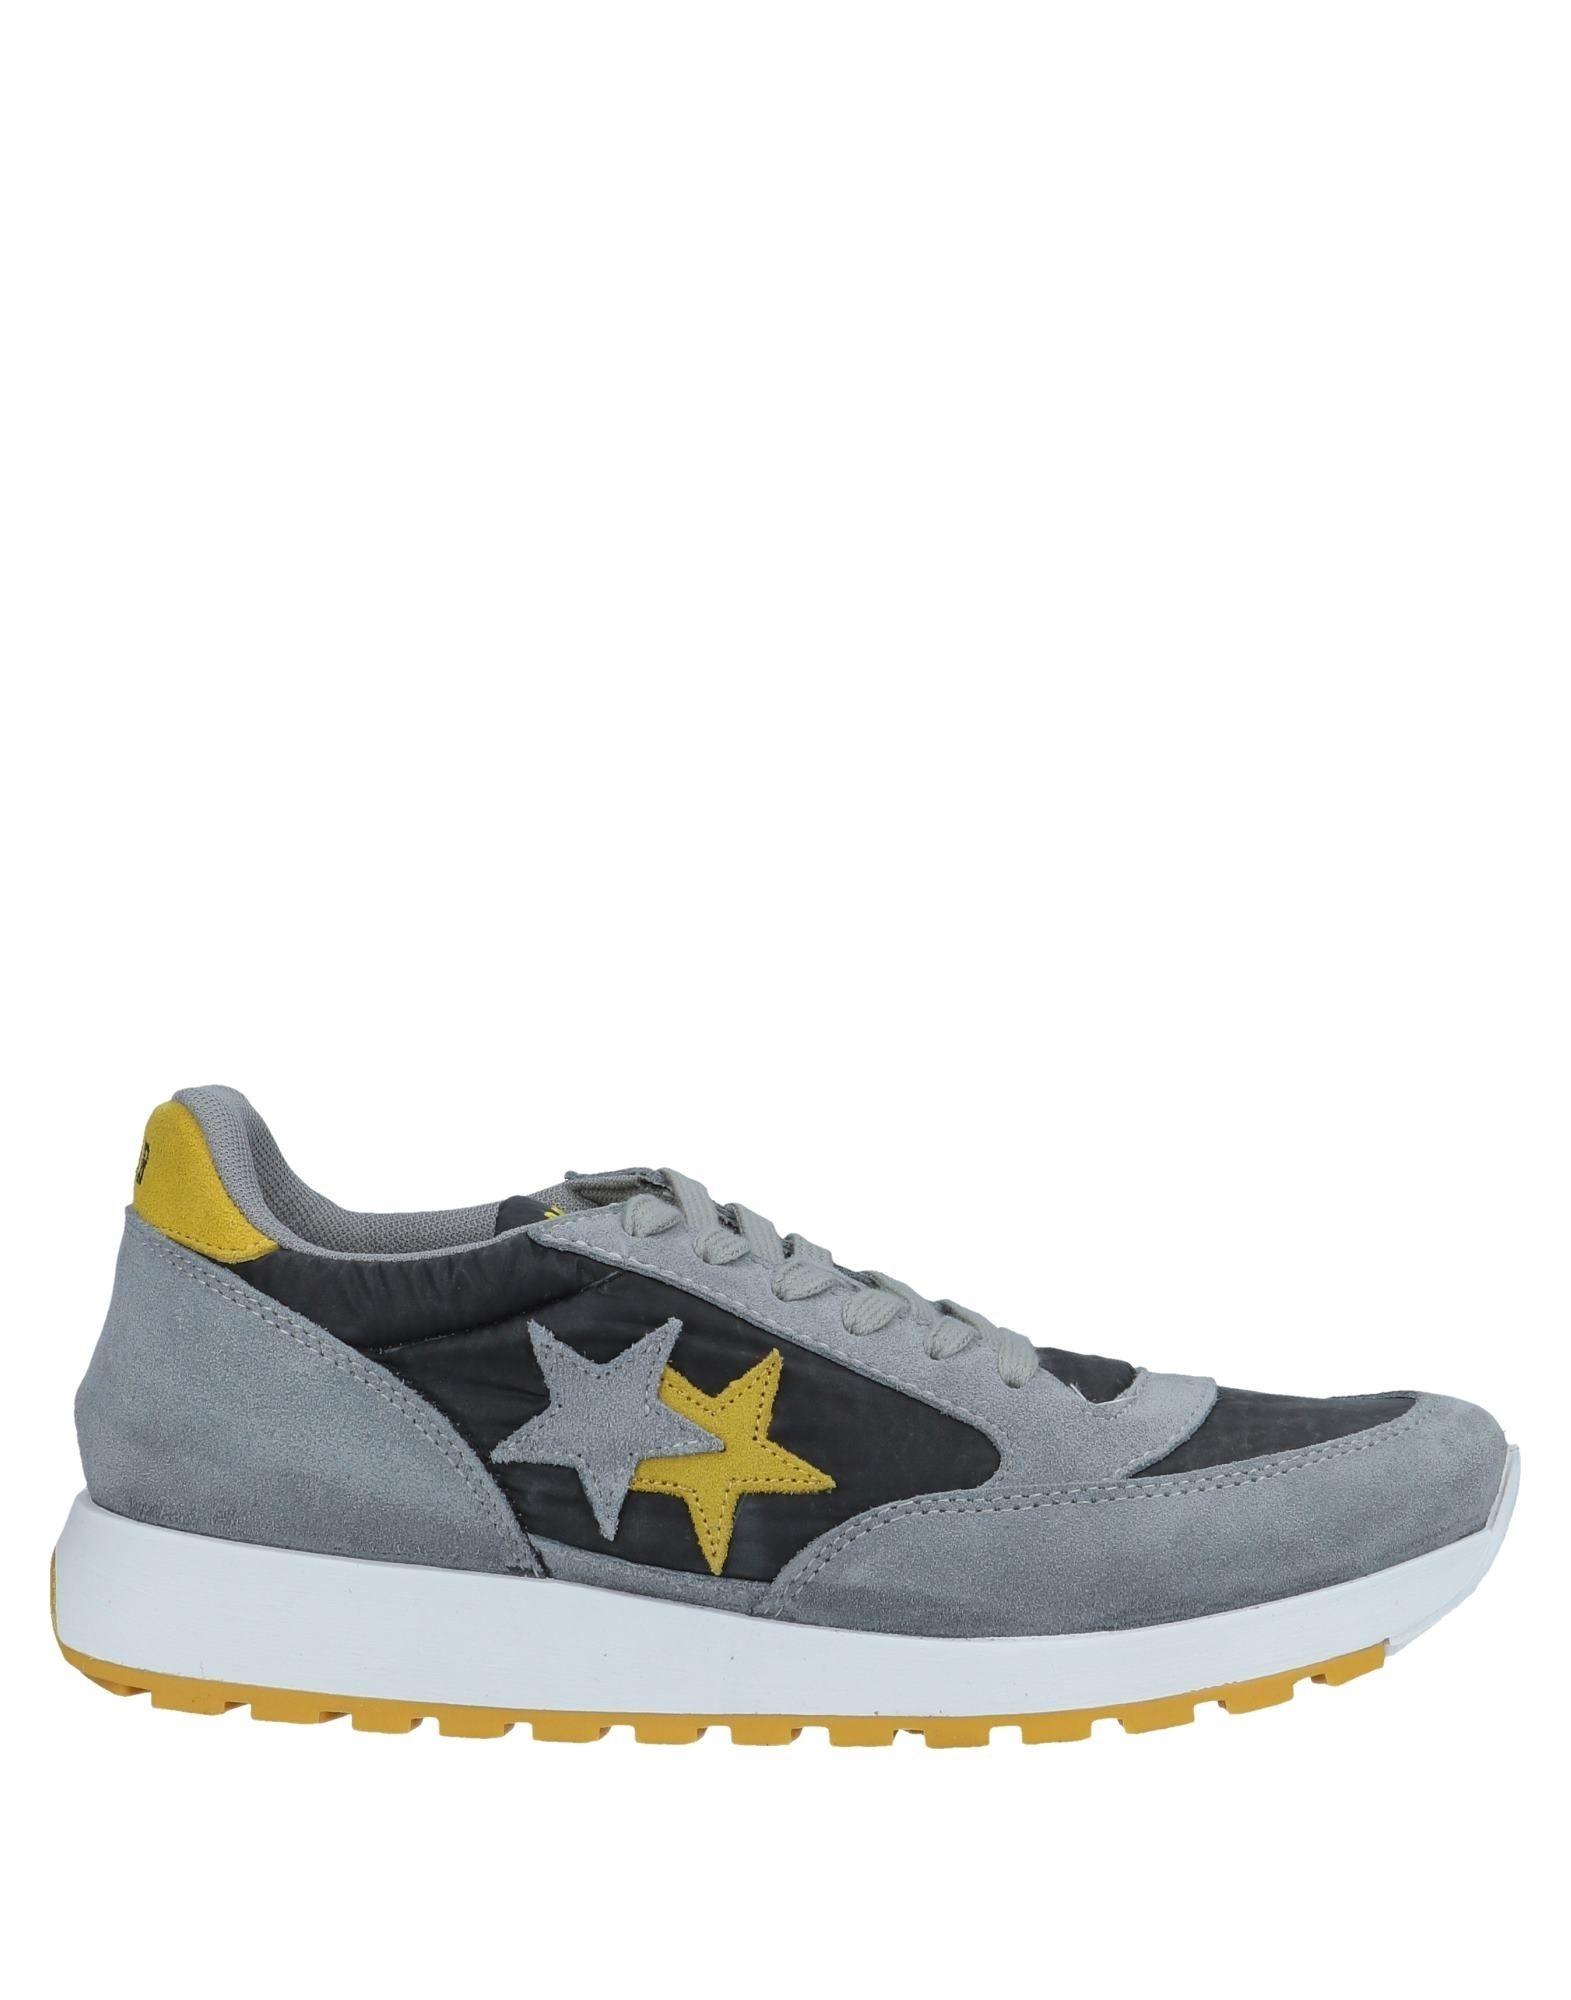 2Star 2Star 2Star Sneakers Herren Gutes Preis-Leistungs-Verhältnis, es lohnt sich f7b329